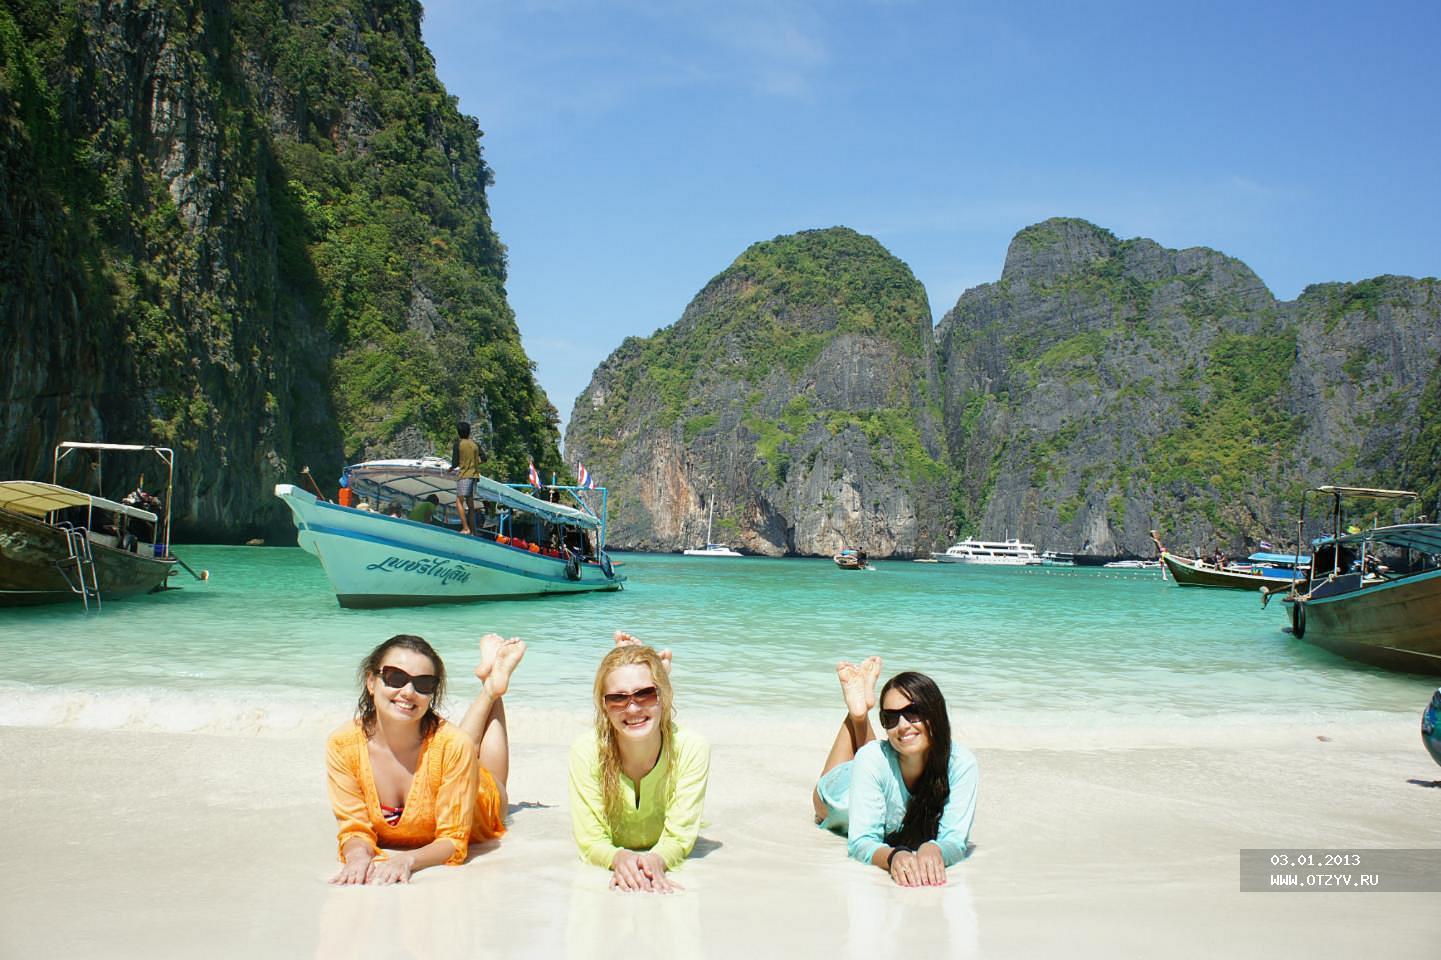 остальным забывайте таиланд в картинках в декабре будучи